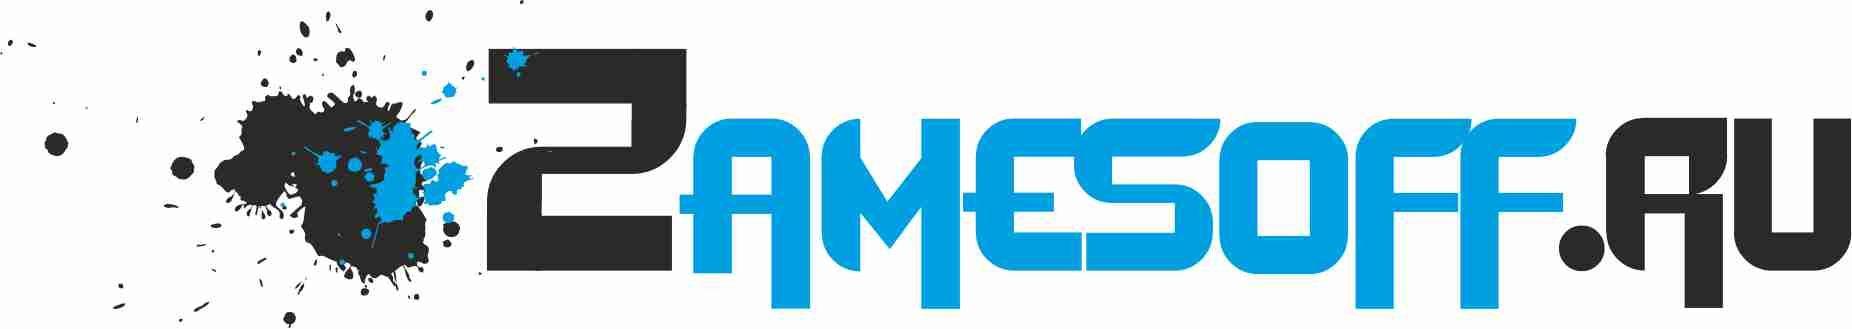 Лого для сервиса по поиску строительных материалов - дизайнер norma-art